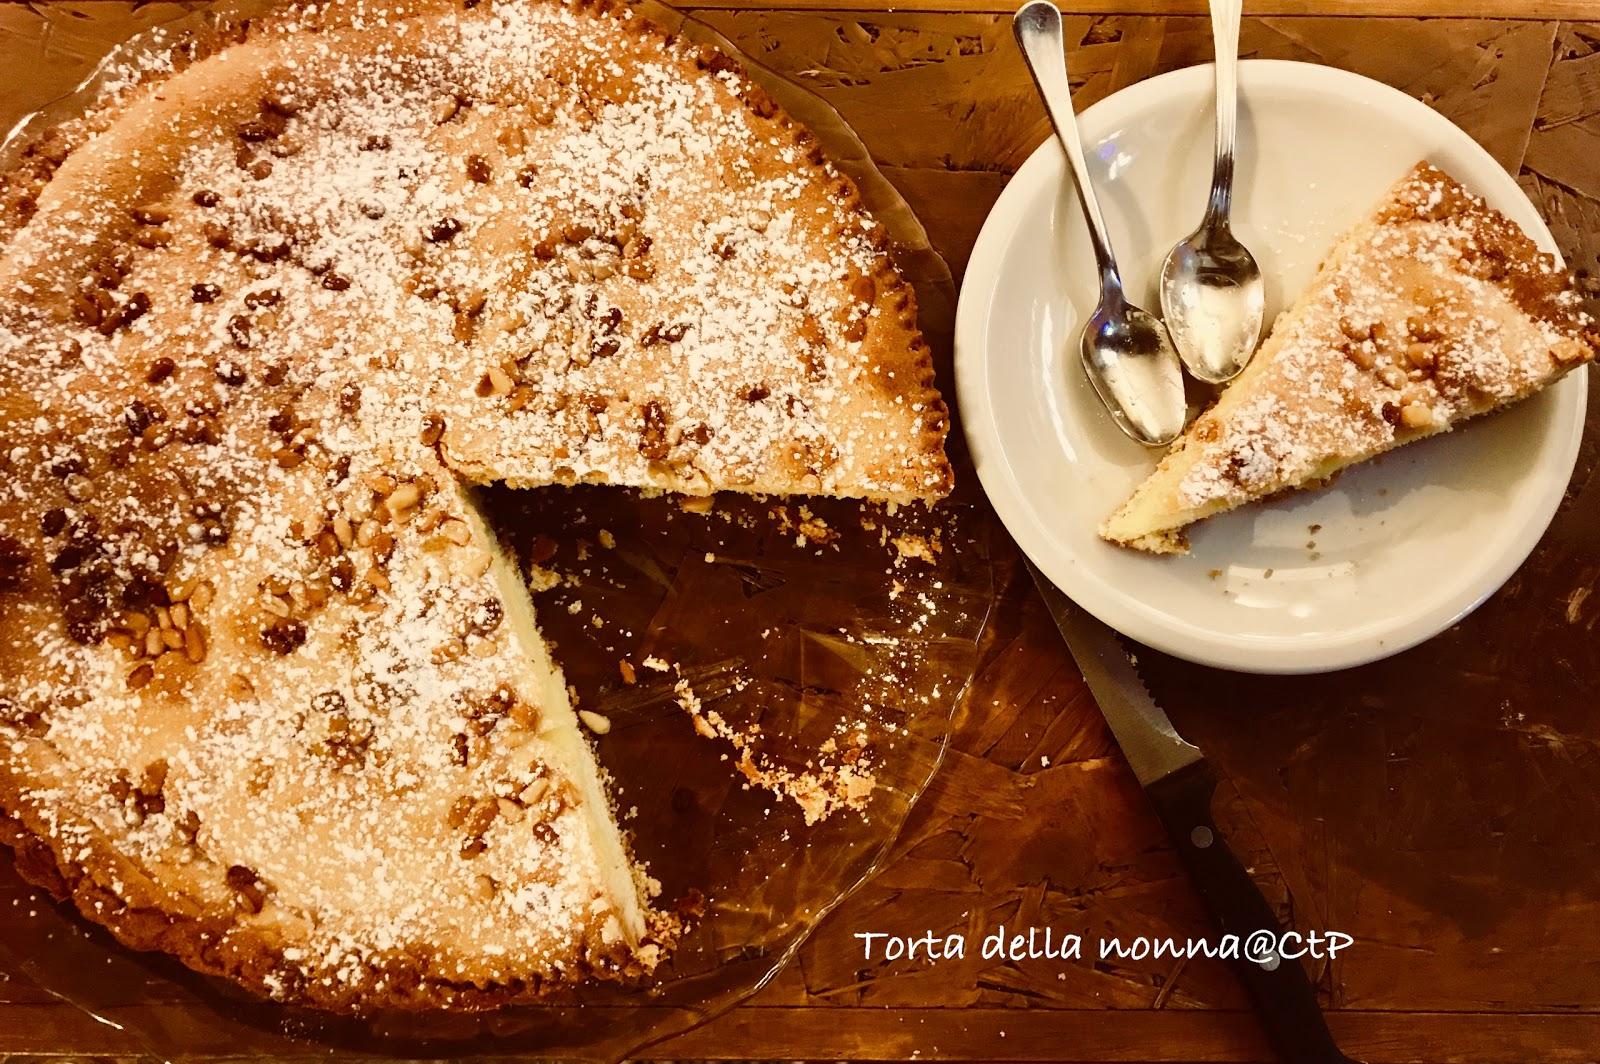 torta della nonna crema pasticceria pinoli alessandra ruggeri